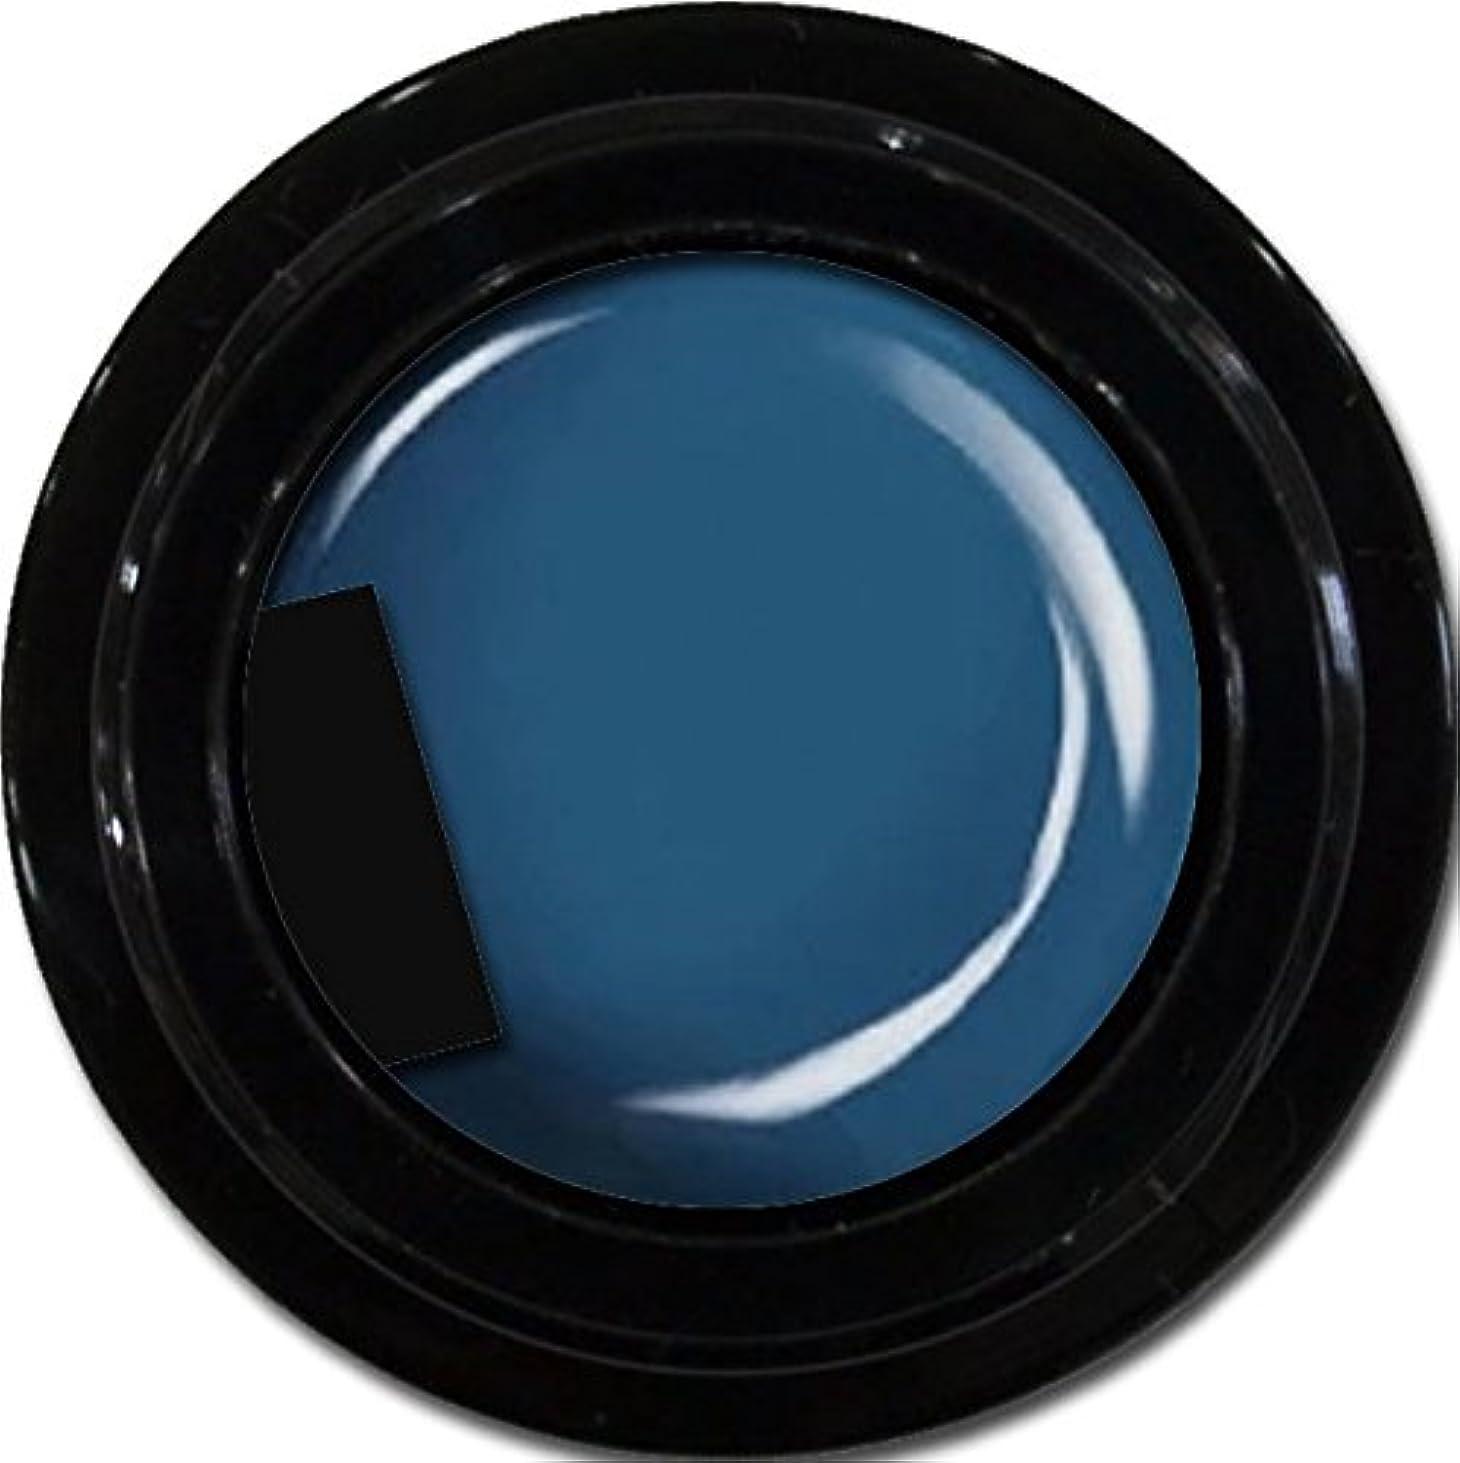 ロータリーミュウミュウ固めるカラージェル enchant color gel M717 LegendBlue 3g/ マットカラージェル M717 レジェンドブルー 3グラム